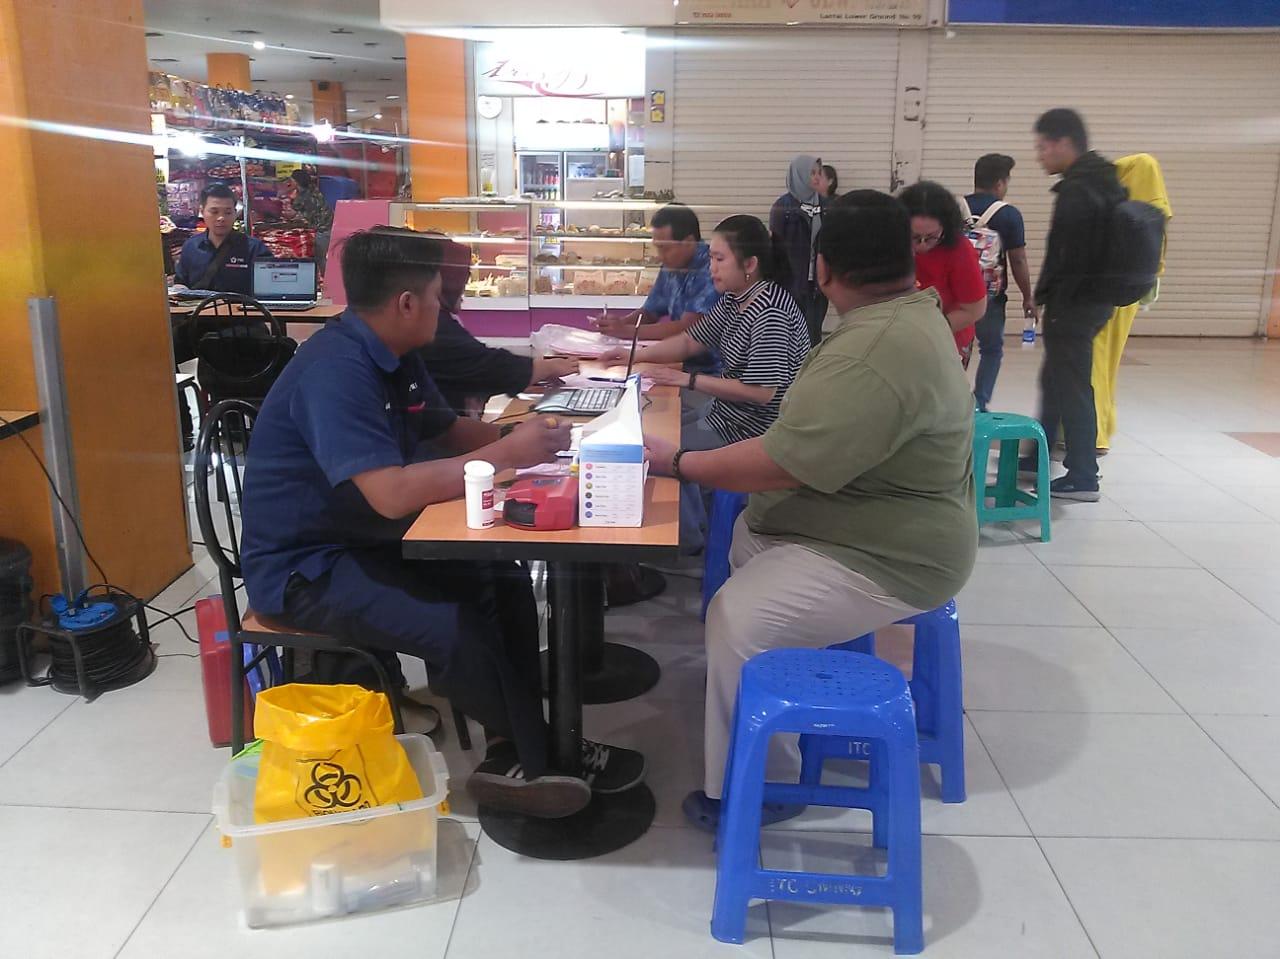 Acara Donor Darah Gratis Jakarta ITC Cempaka Mas 5